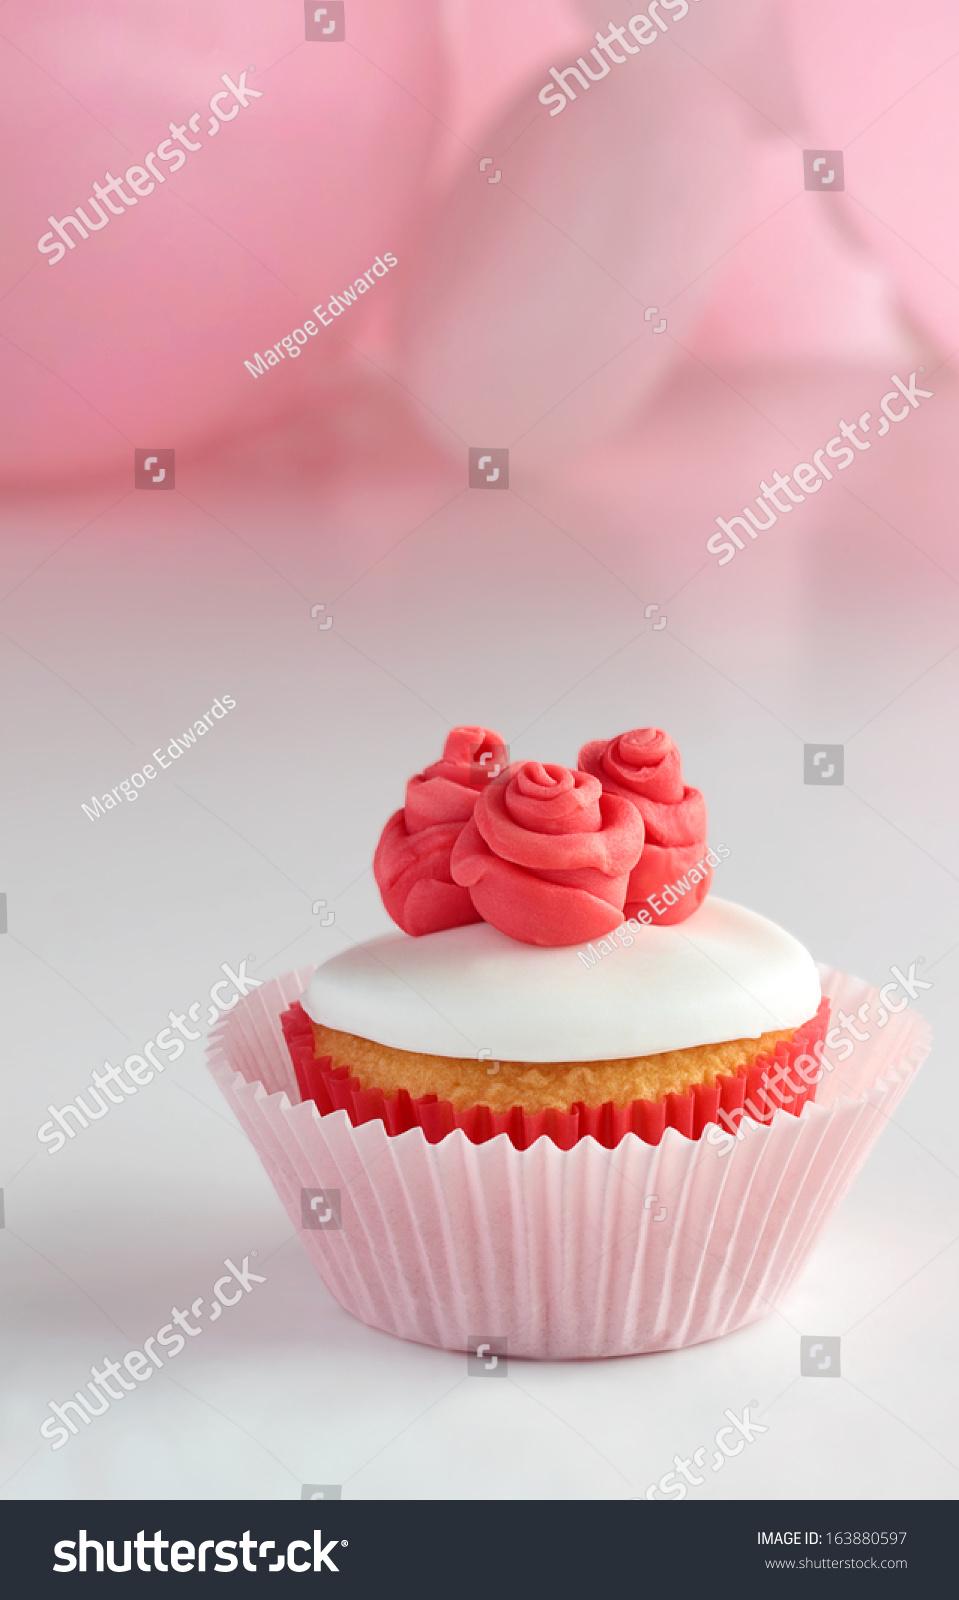 Birthday Cupcake Pink Stock Photo 163880597 Shutterstock